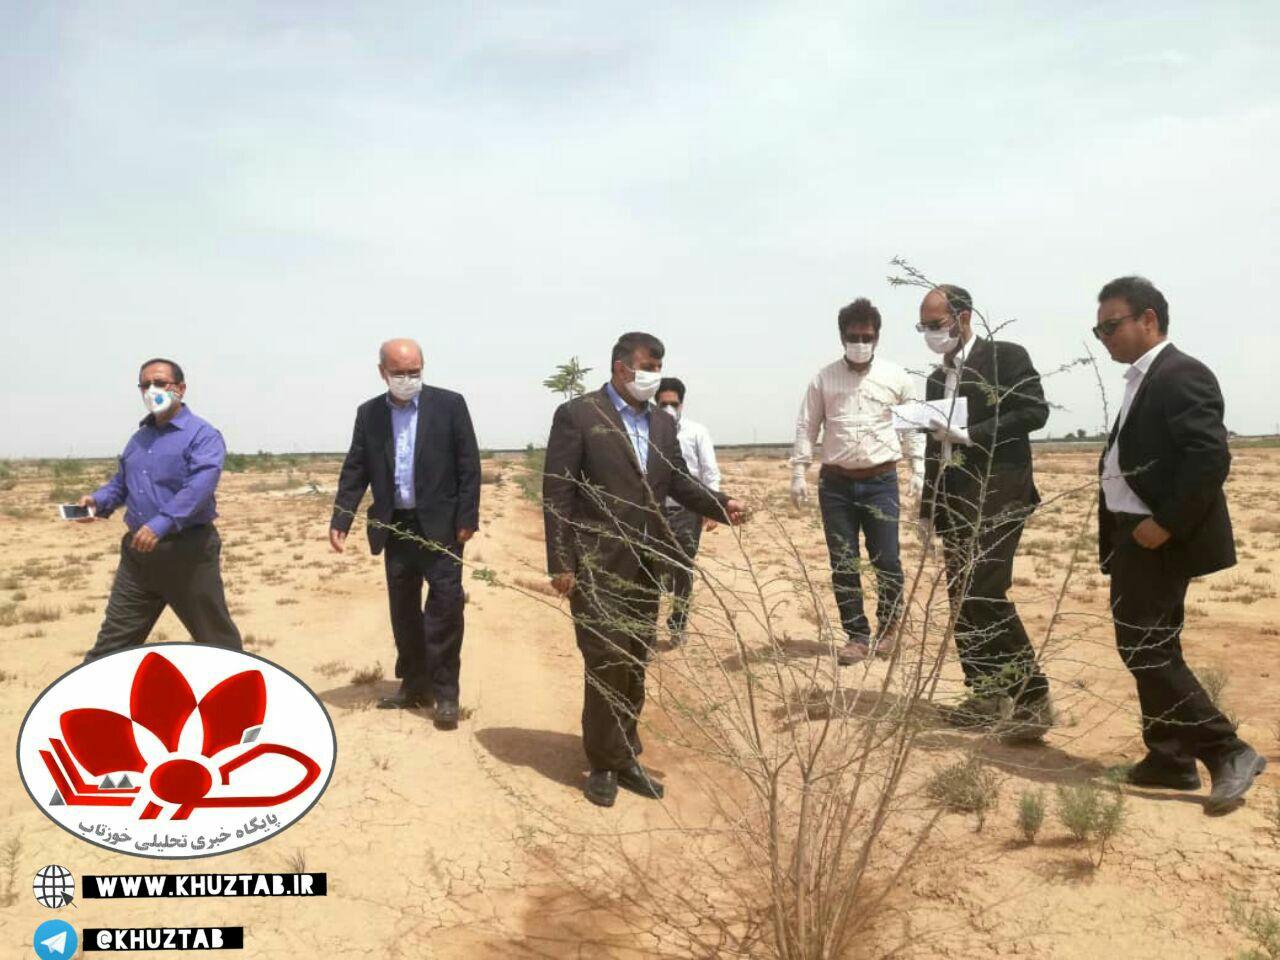 IMG 20200407 230107 607 برنامههای مقابله با ریزگرد در خوزستان نباید رها شوند